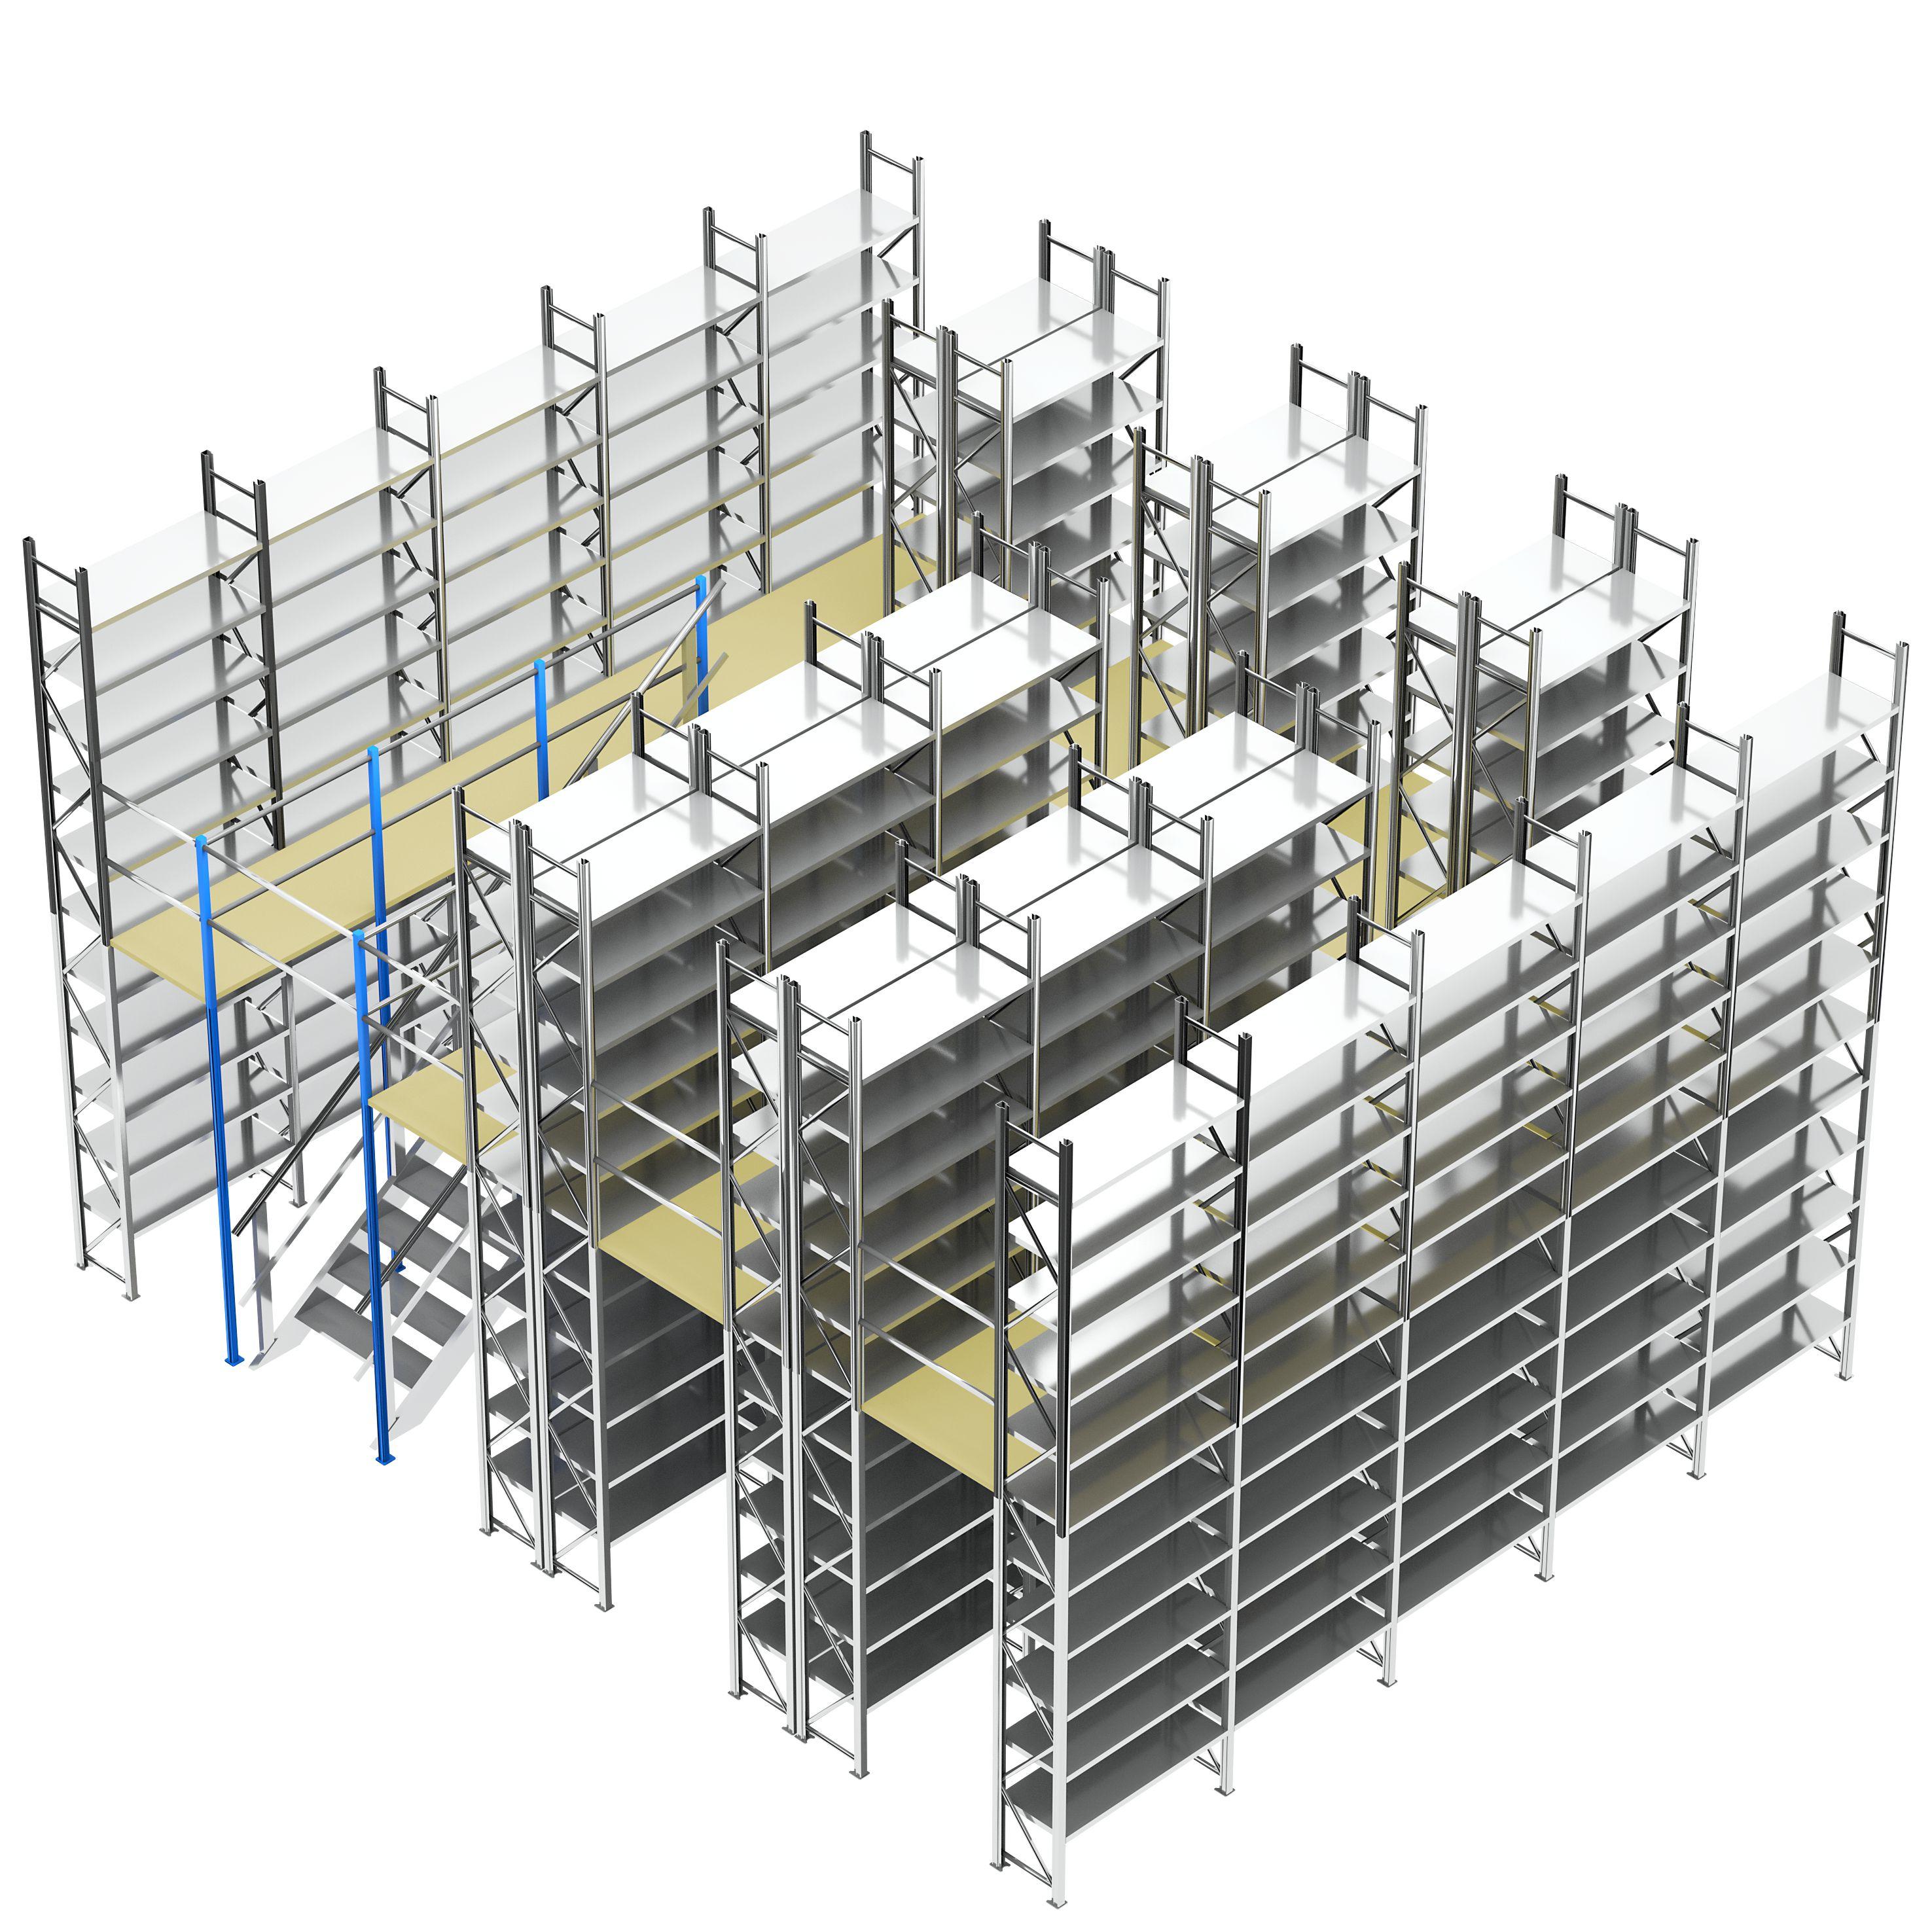 2-geschossiges Fachbodenregal mit 310 Fachböden